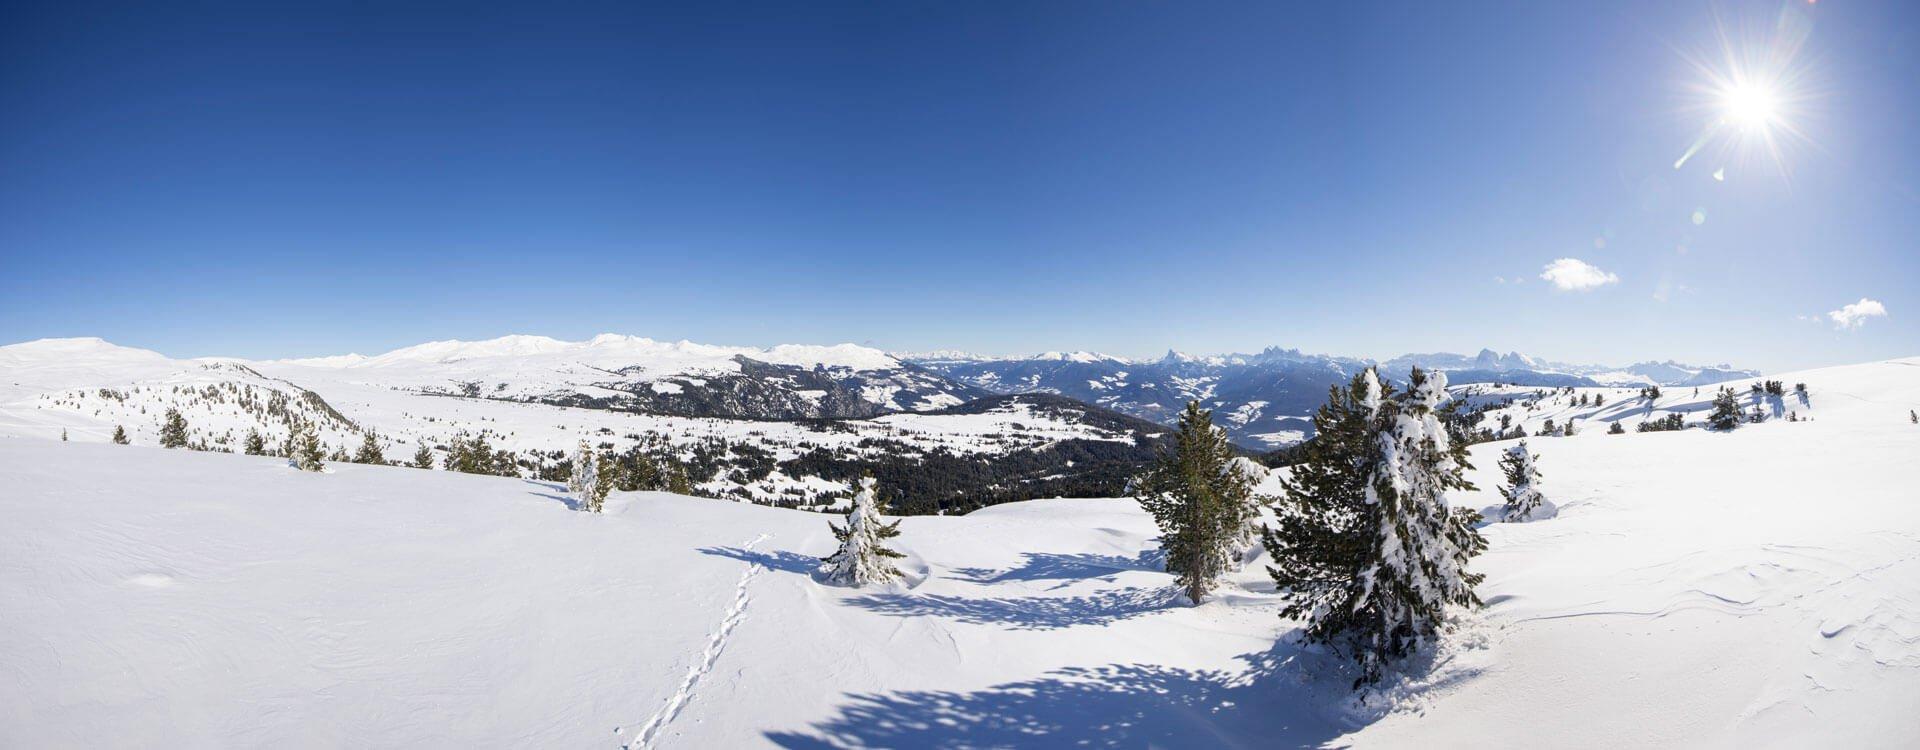 winterurlaub-auf-dem-bauernhof-03